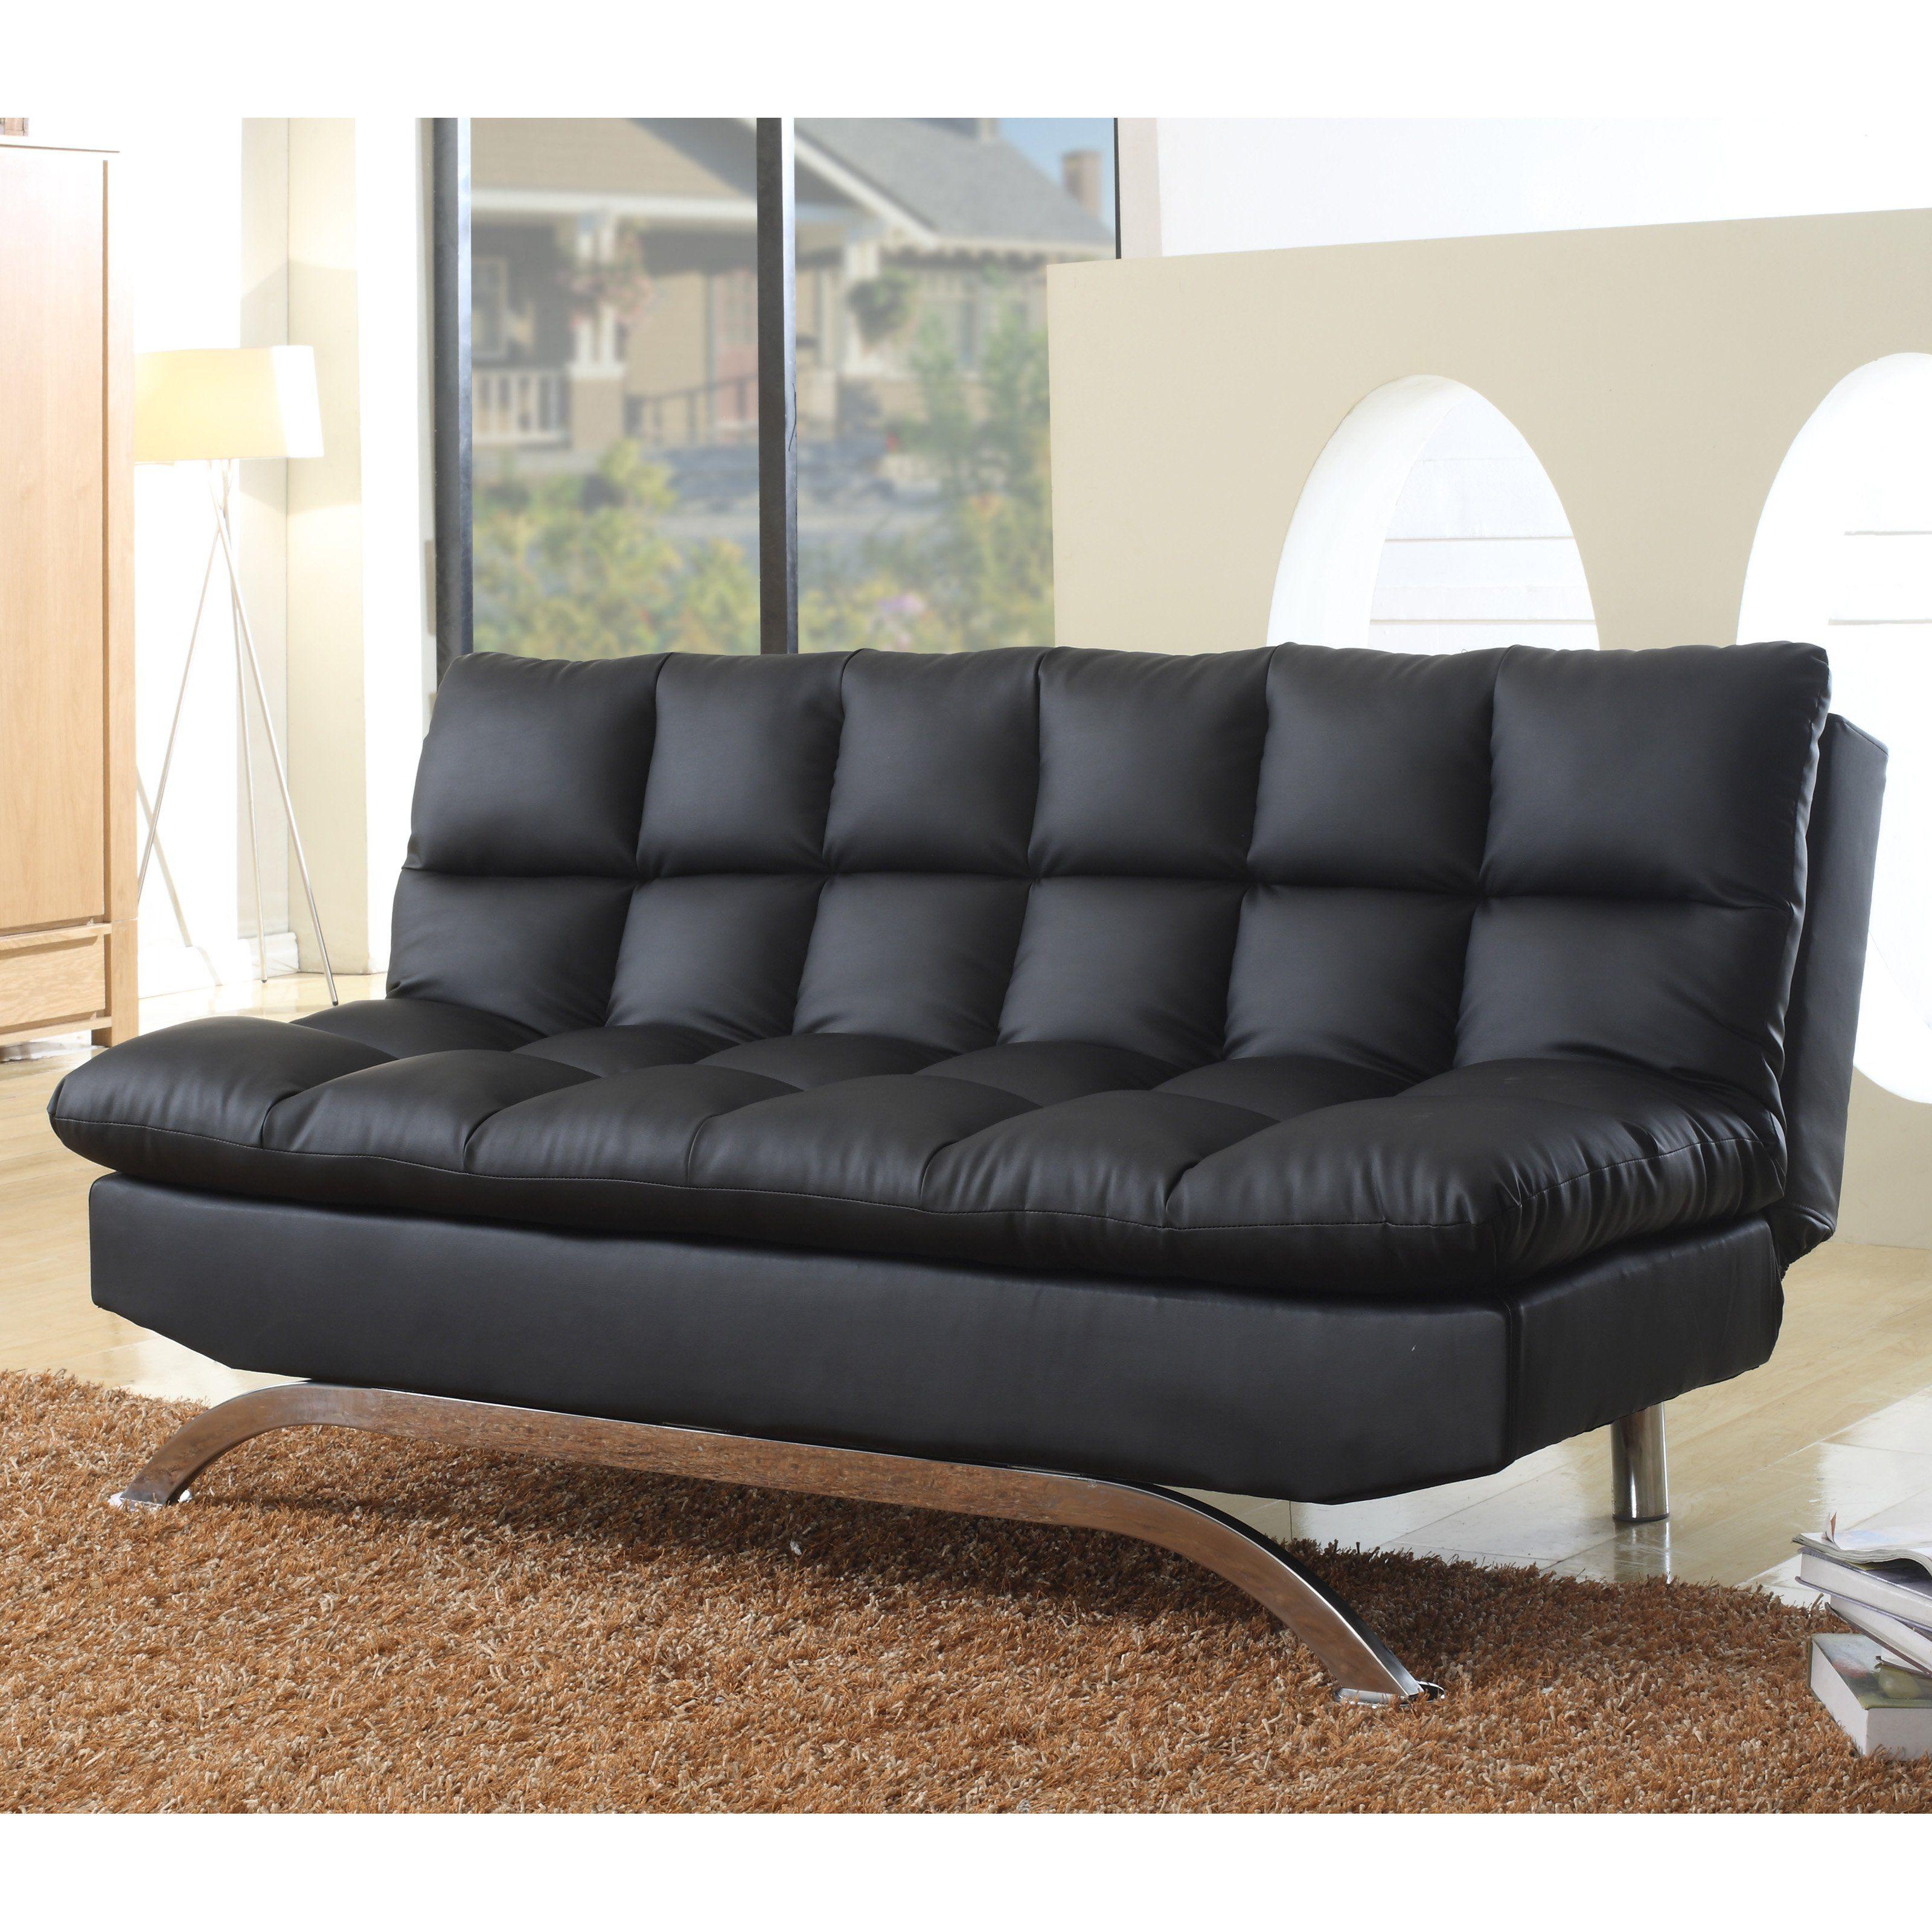 milton green lugo plush futon sofa bed 8035bk products rh pinterest com milton green lugo plush futon sofa bed